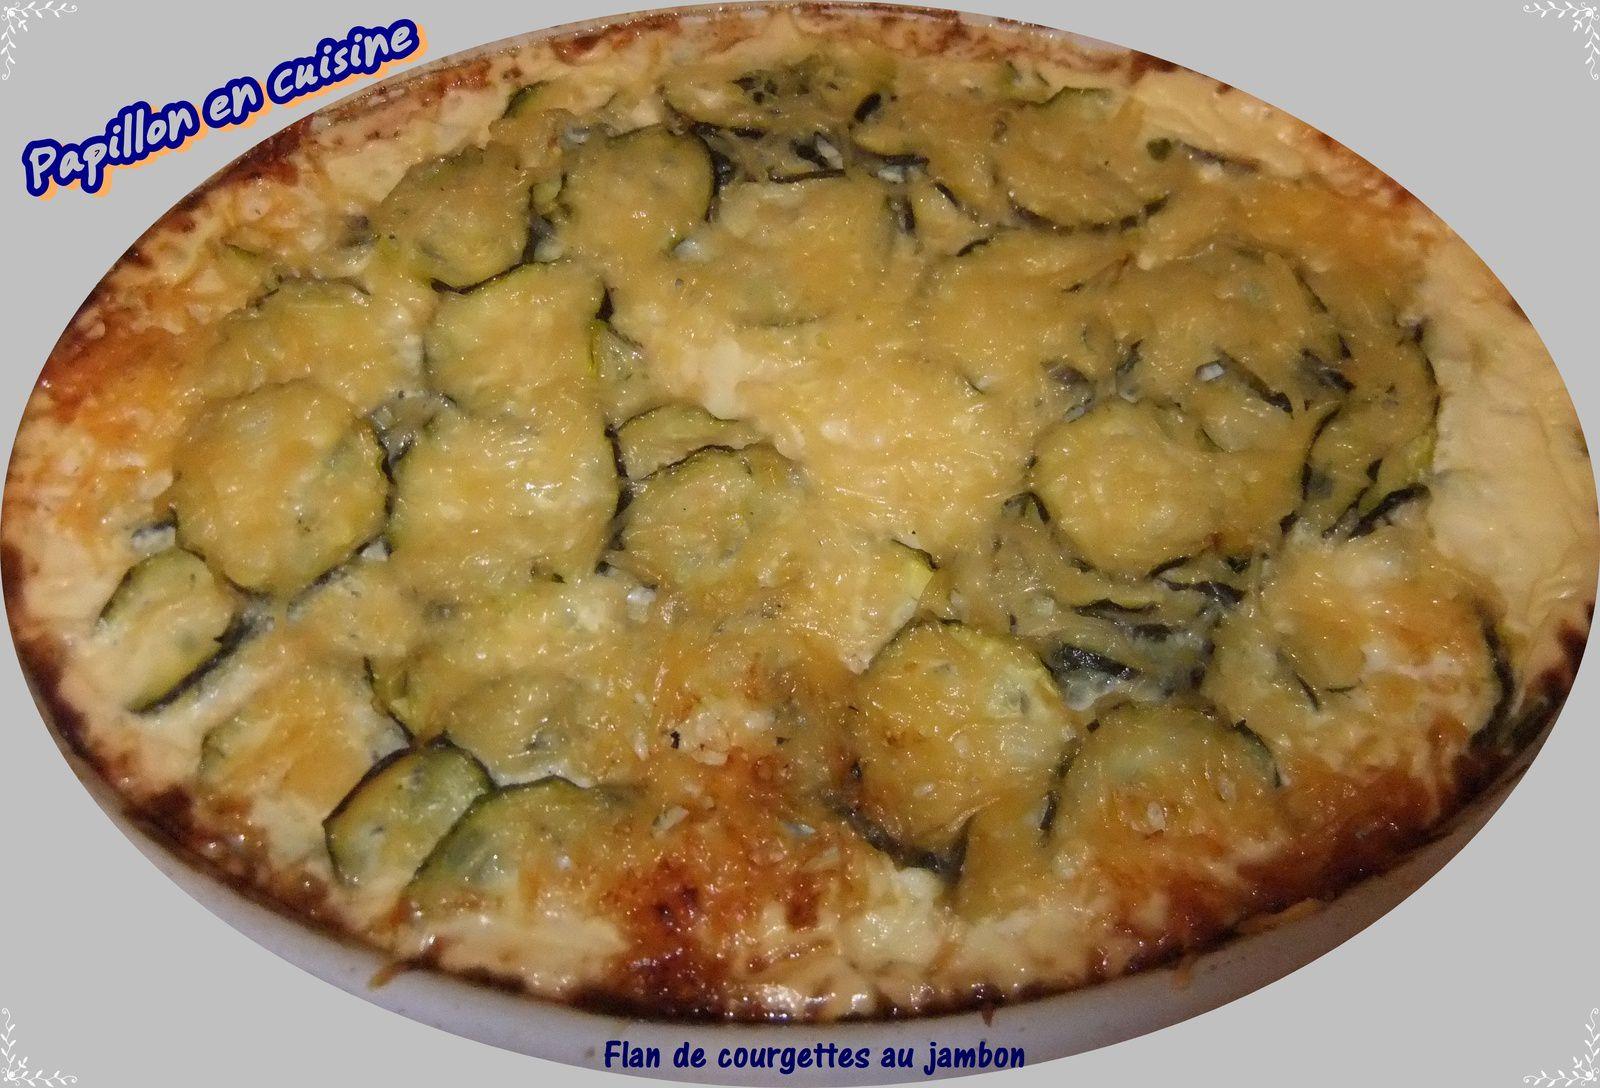 Recette flan de courgettes au jambon papillon en cuisine - Recette flan de courgette thermomix ...